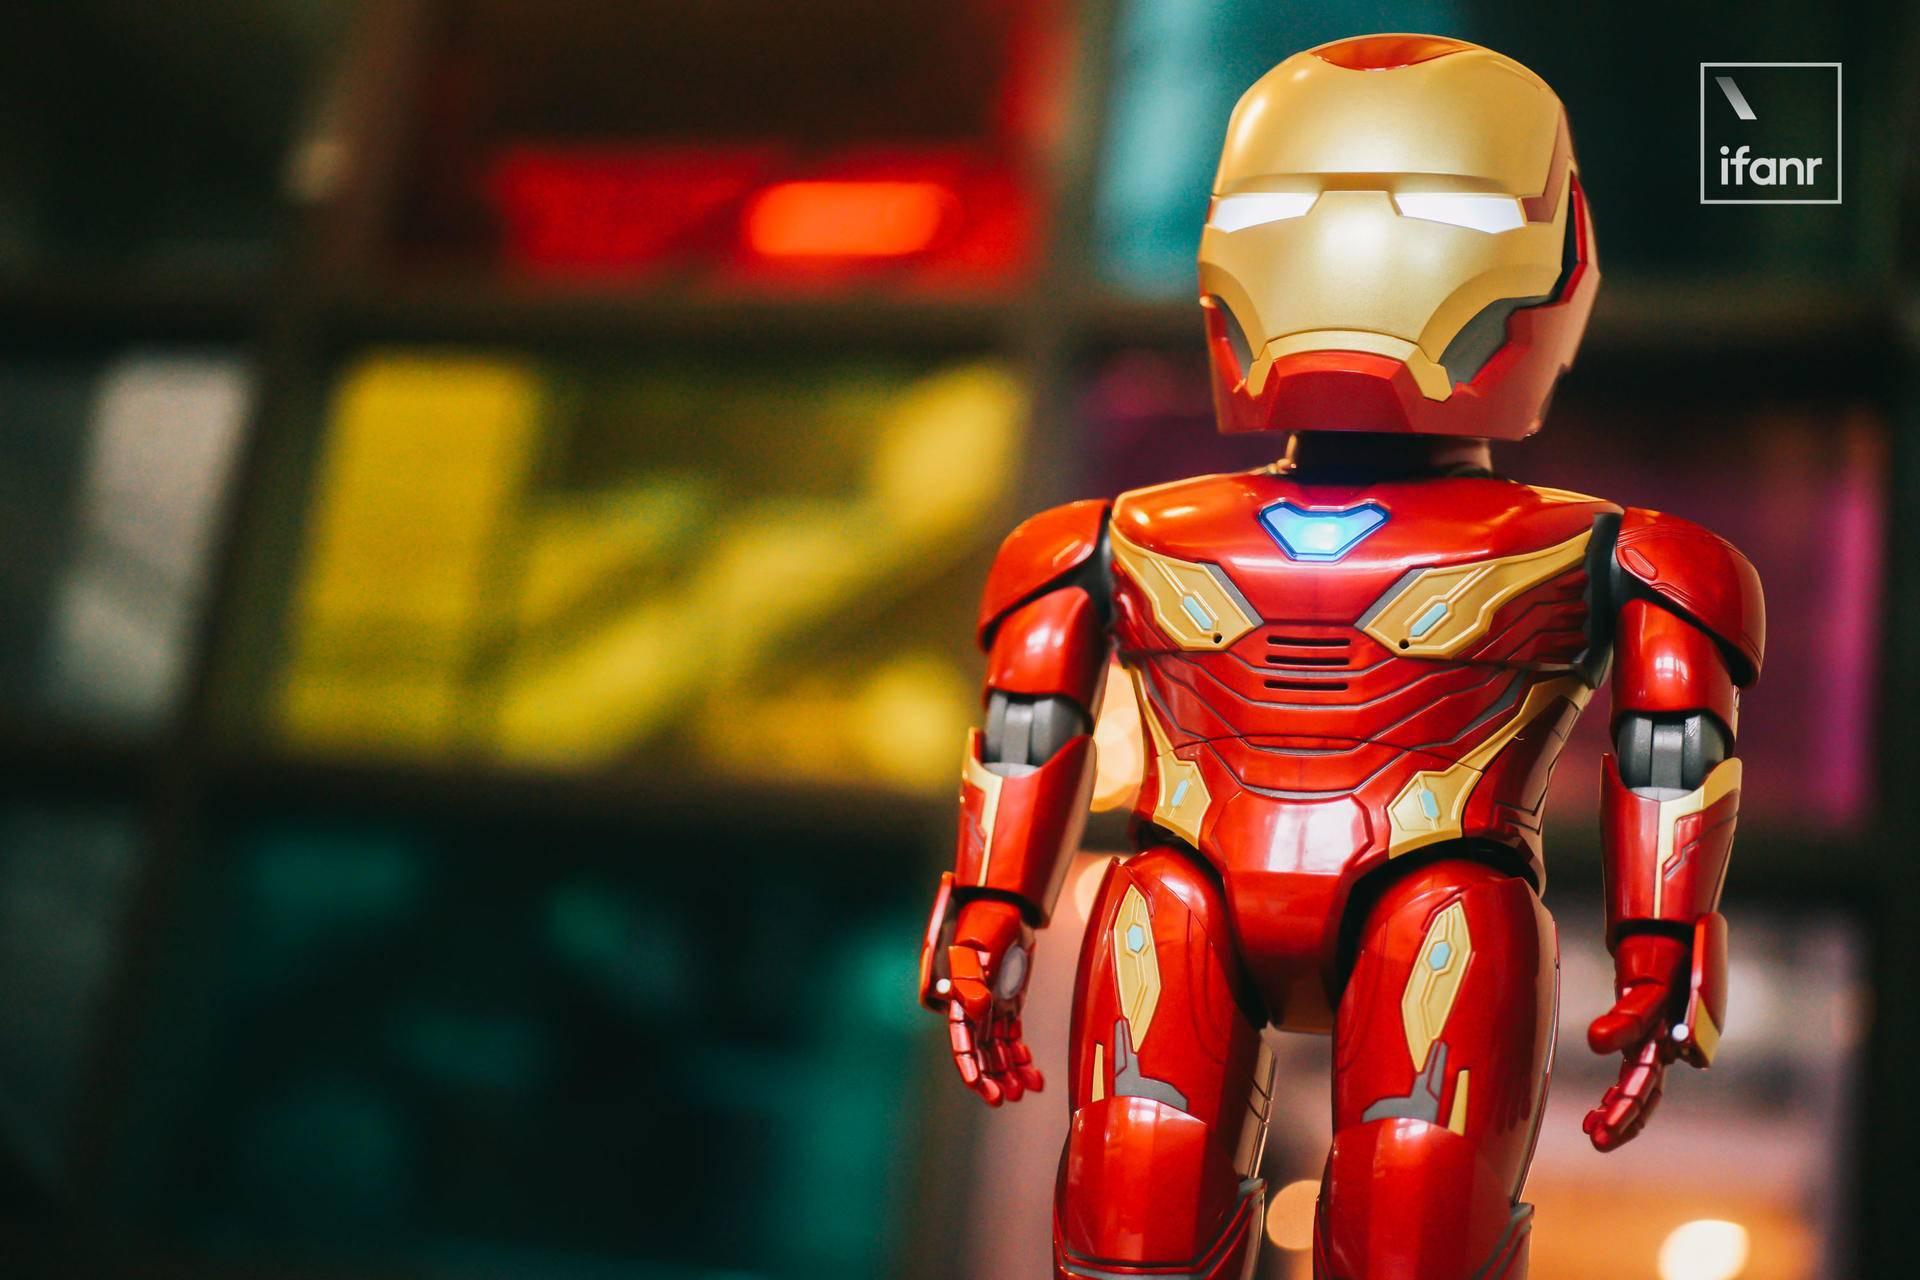 入手漫威钢铁侠机器人后,我知道了粉丝为什么可能最爱它